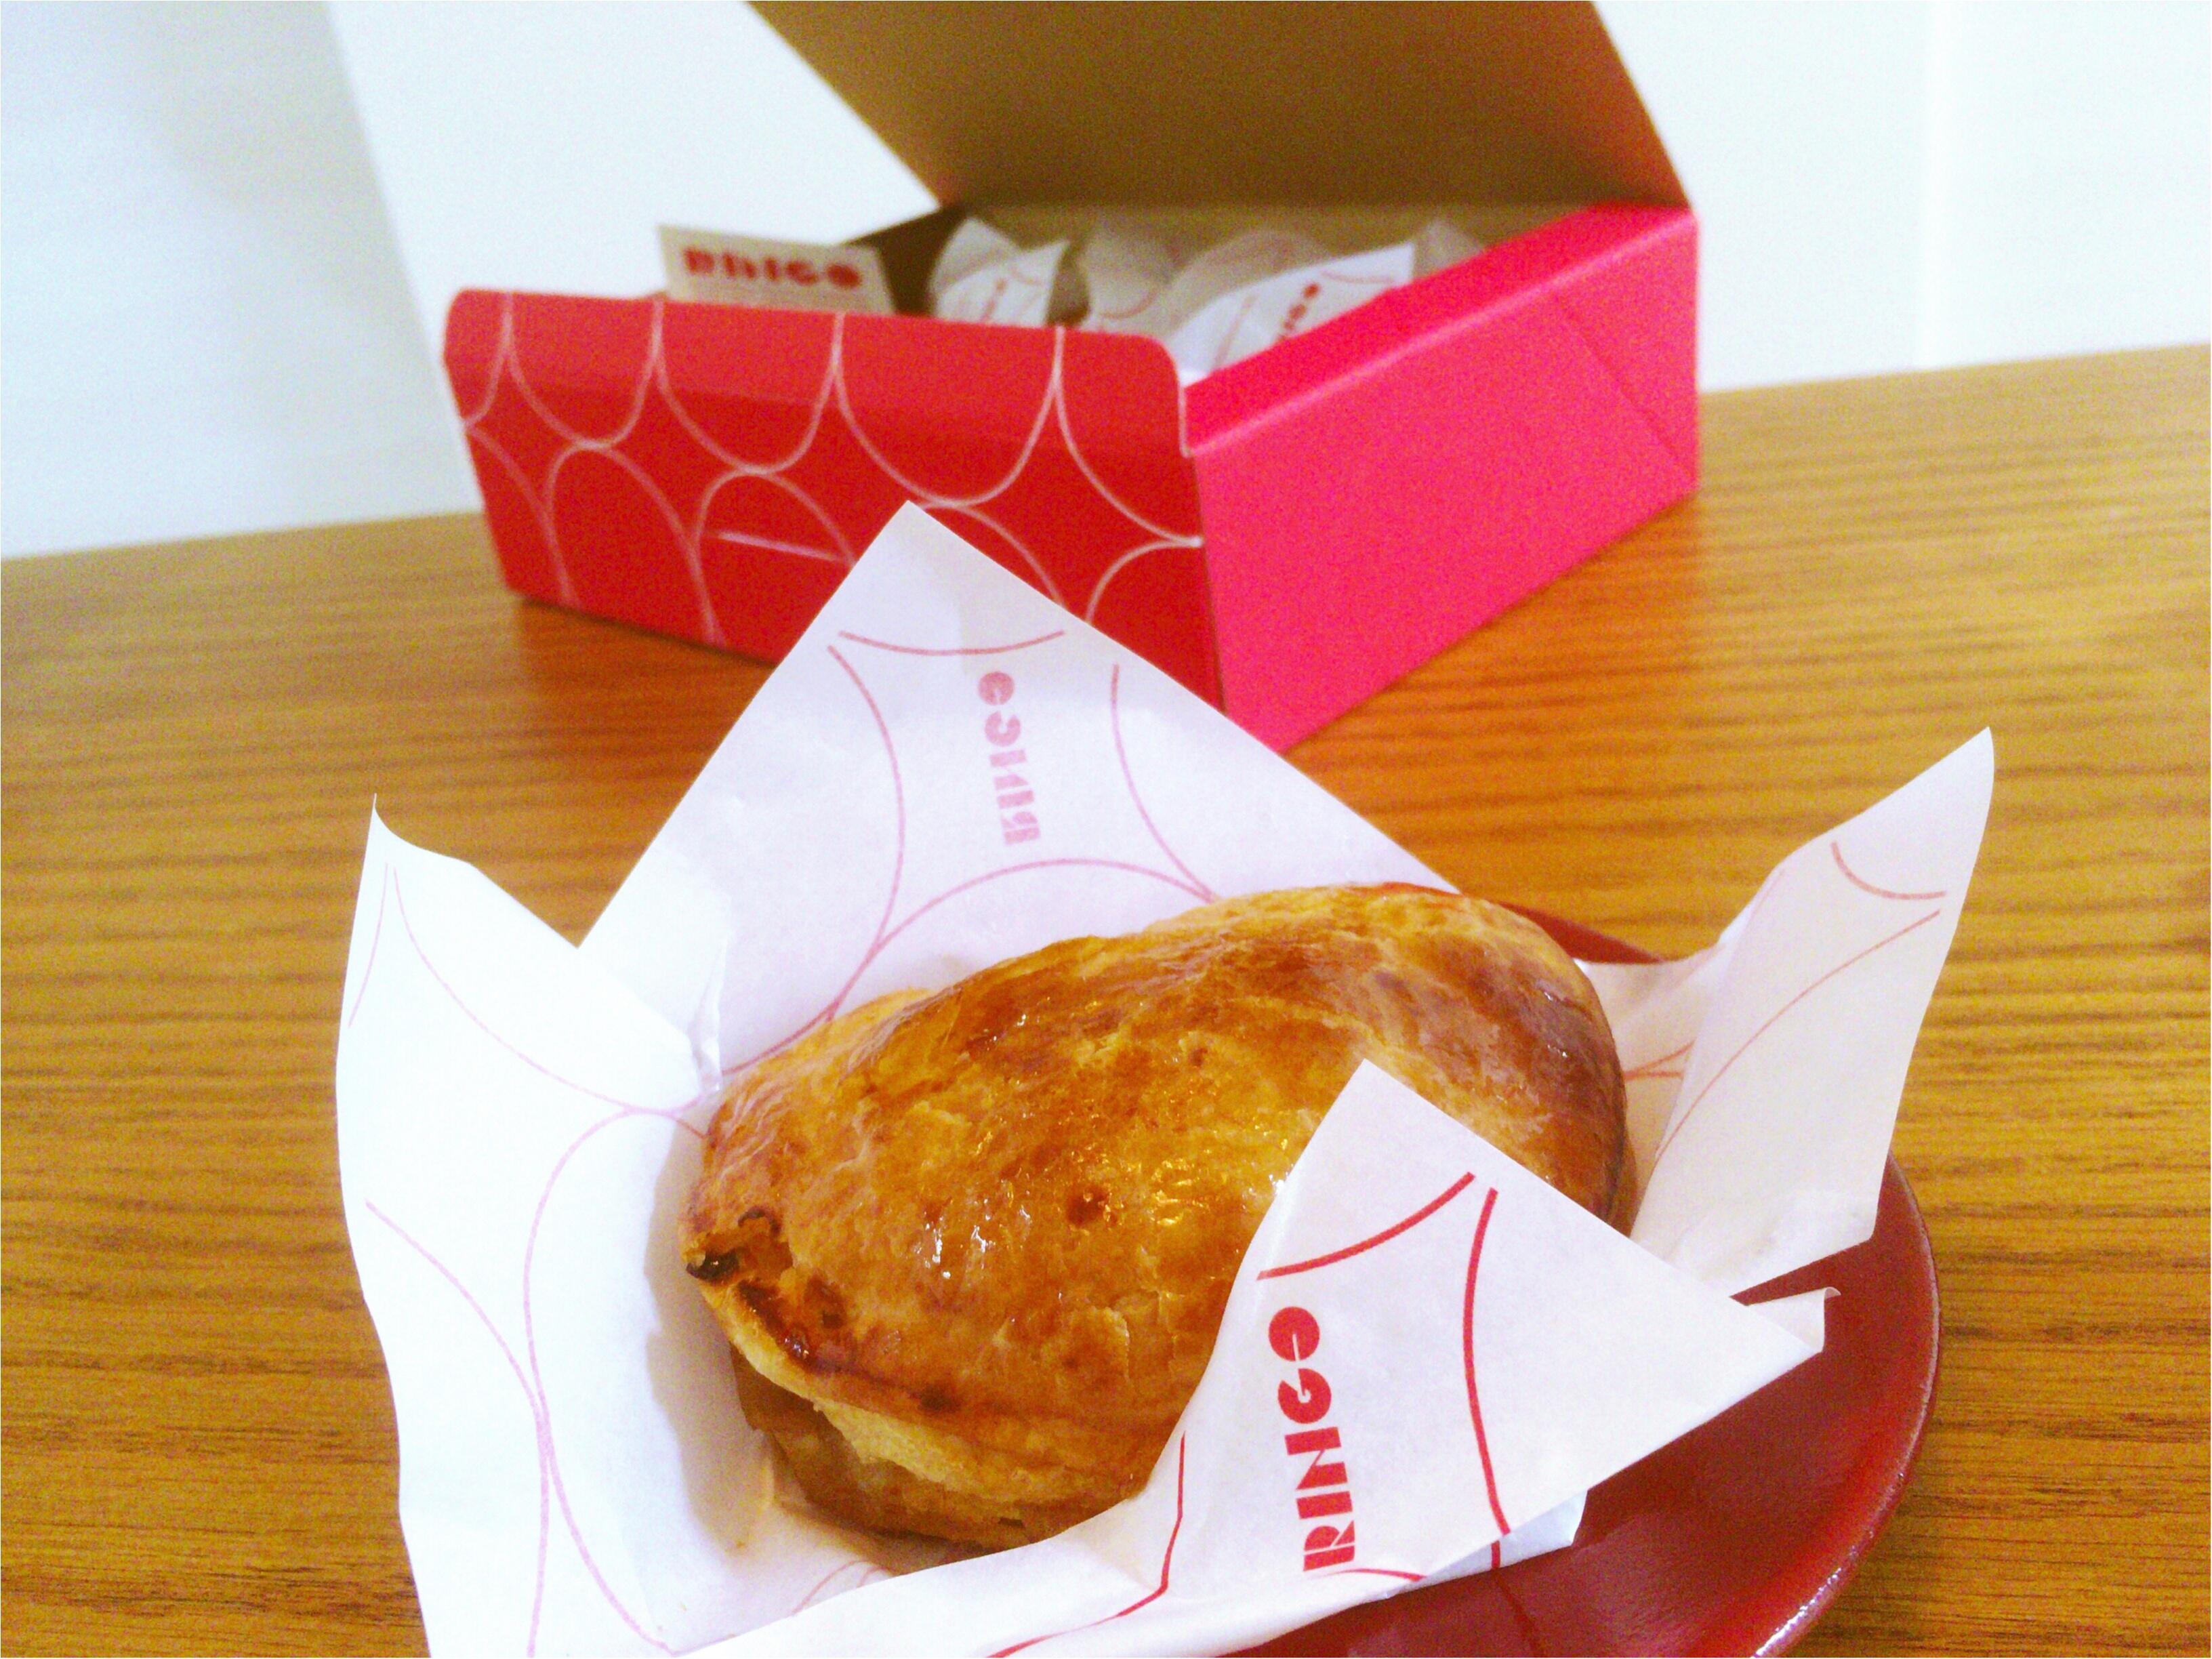 【秋Sweets♡】BAKE発『RINGO』アップルパイ専門店!焼きたてが大阪進出!美味しい食べ方も伝授♡_4